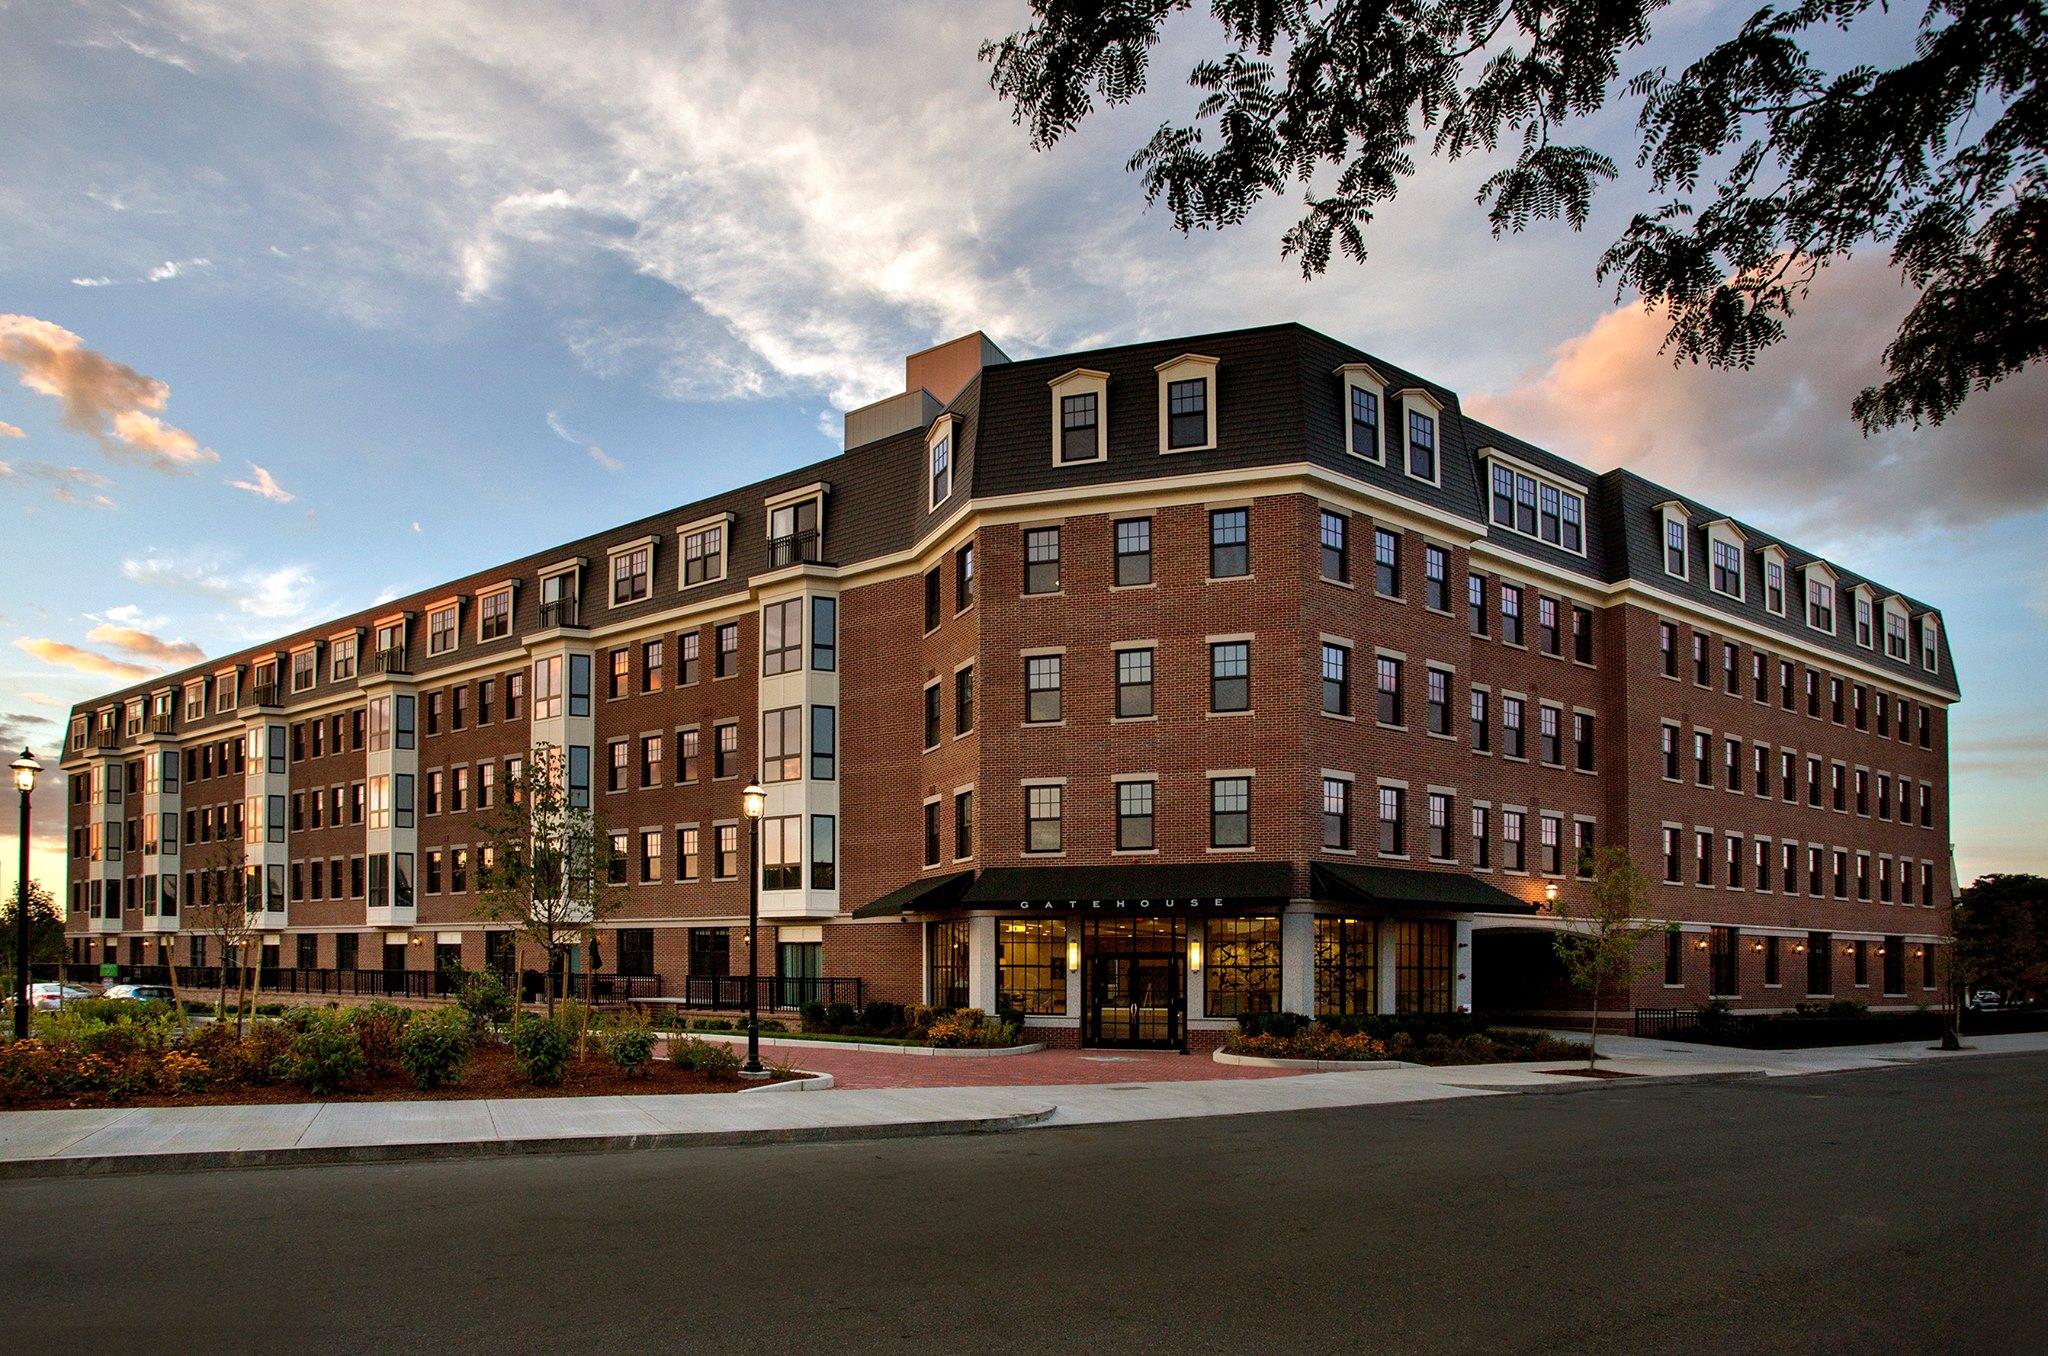 GATEHOUSE 75 |CHARLESTOWN, MA